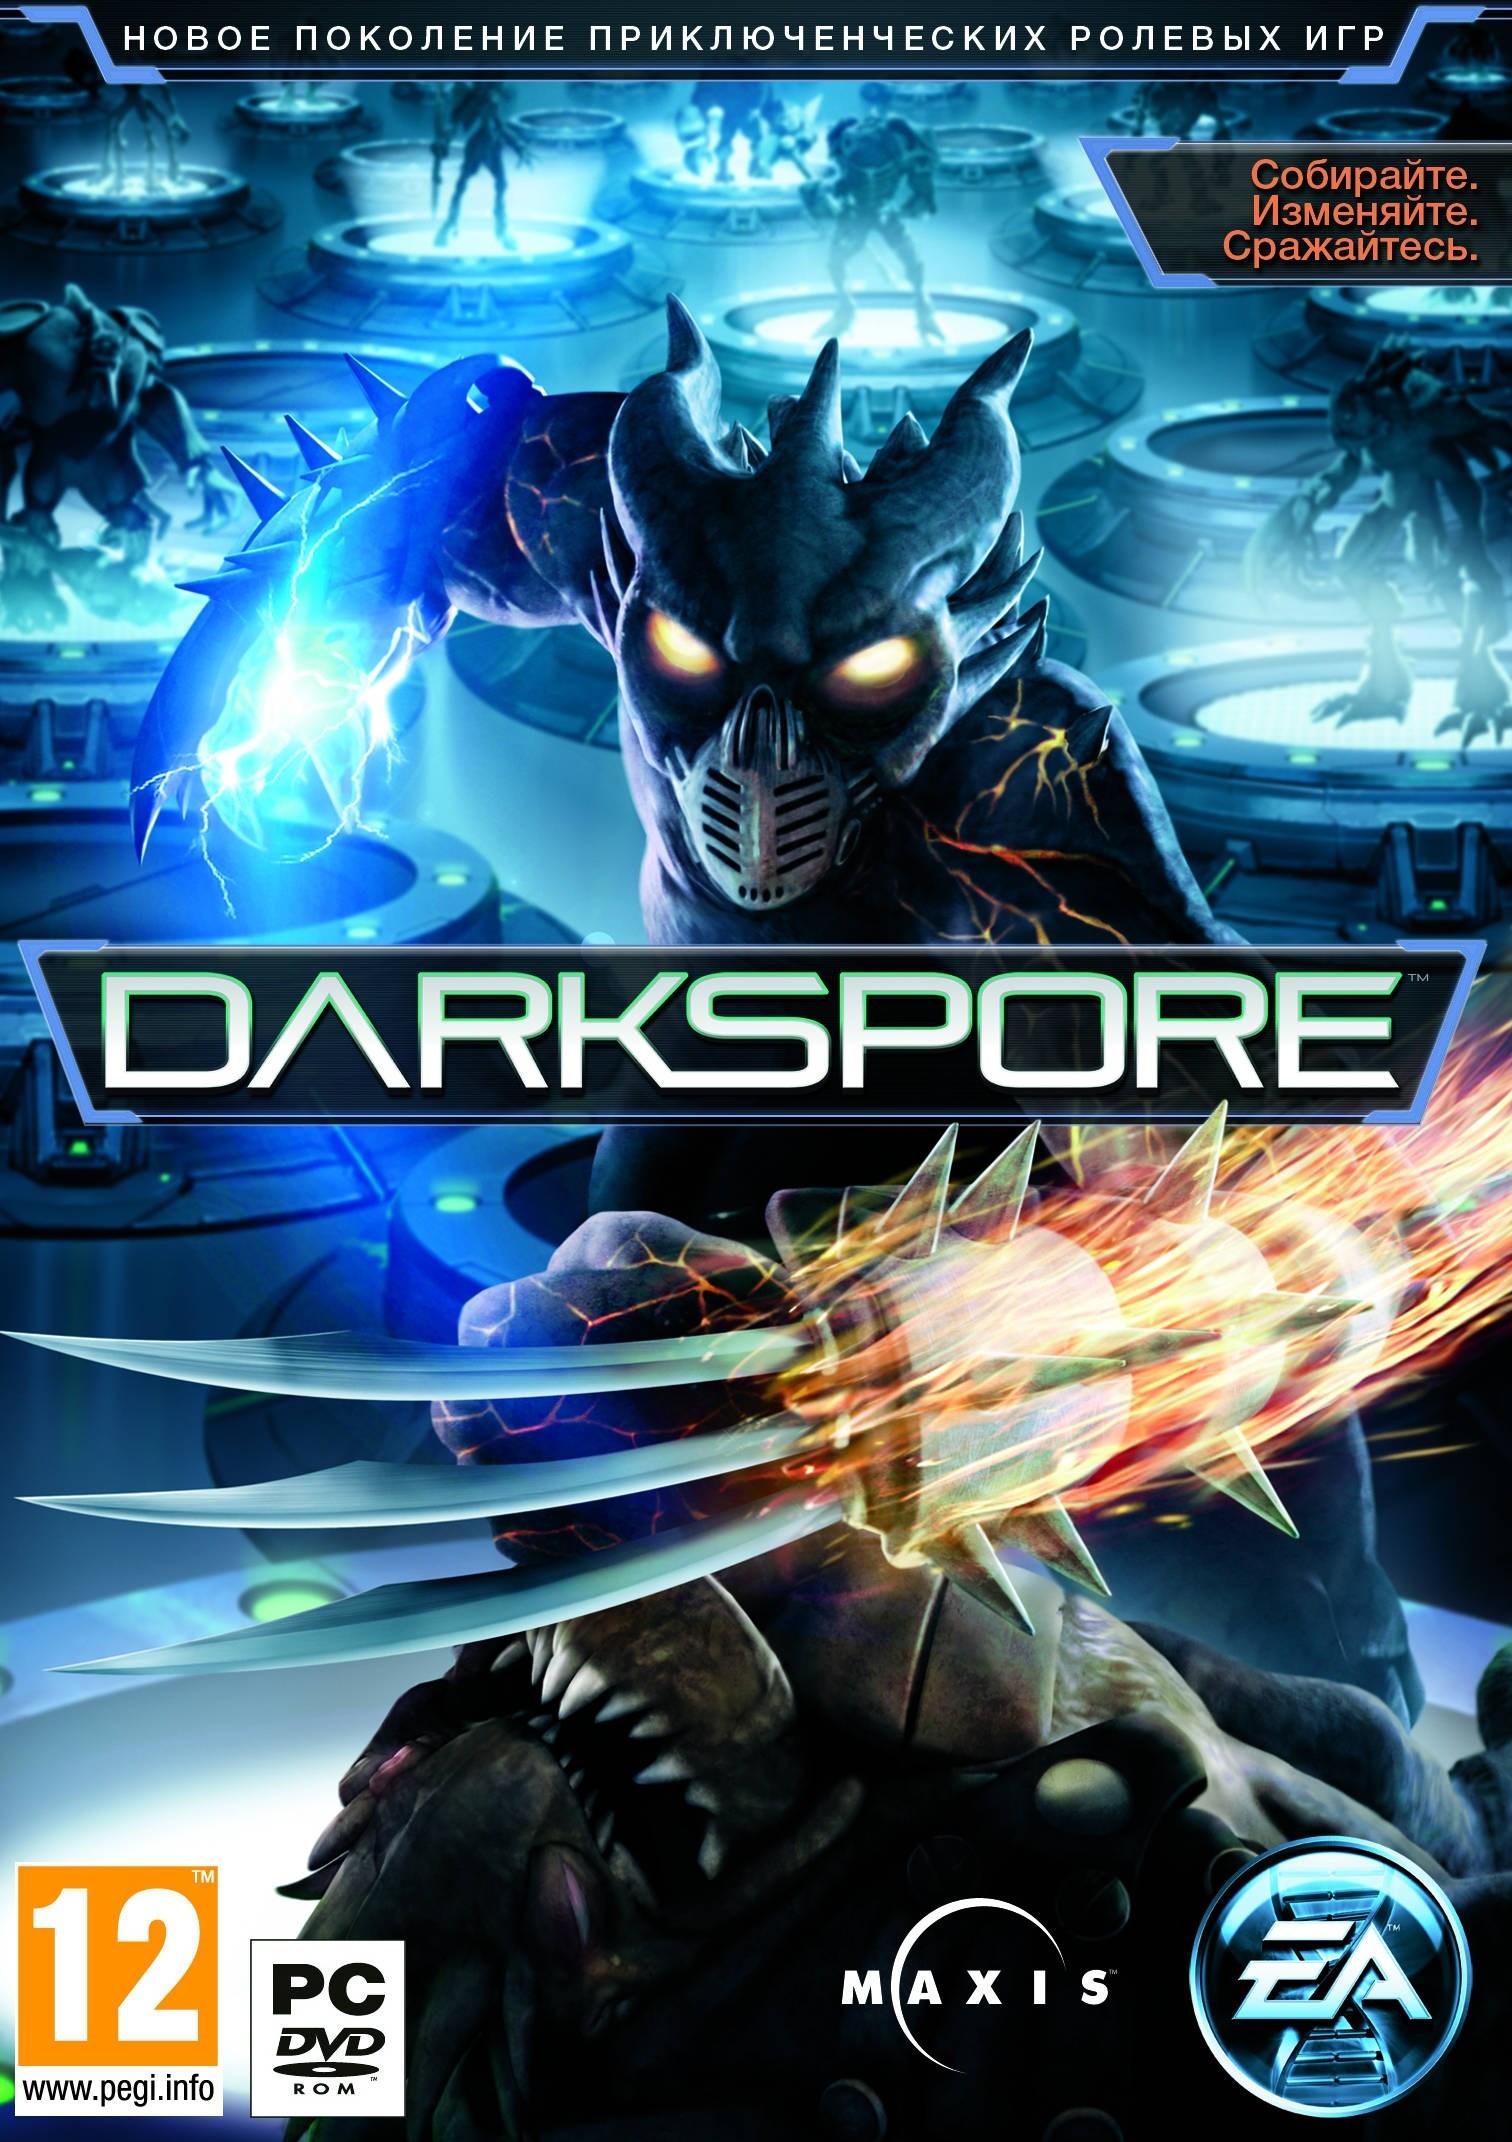 Скачать бесплатно Darkspore (2011/RUS/ENG/MULTI5) без регистрации.